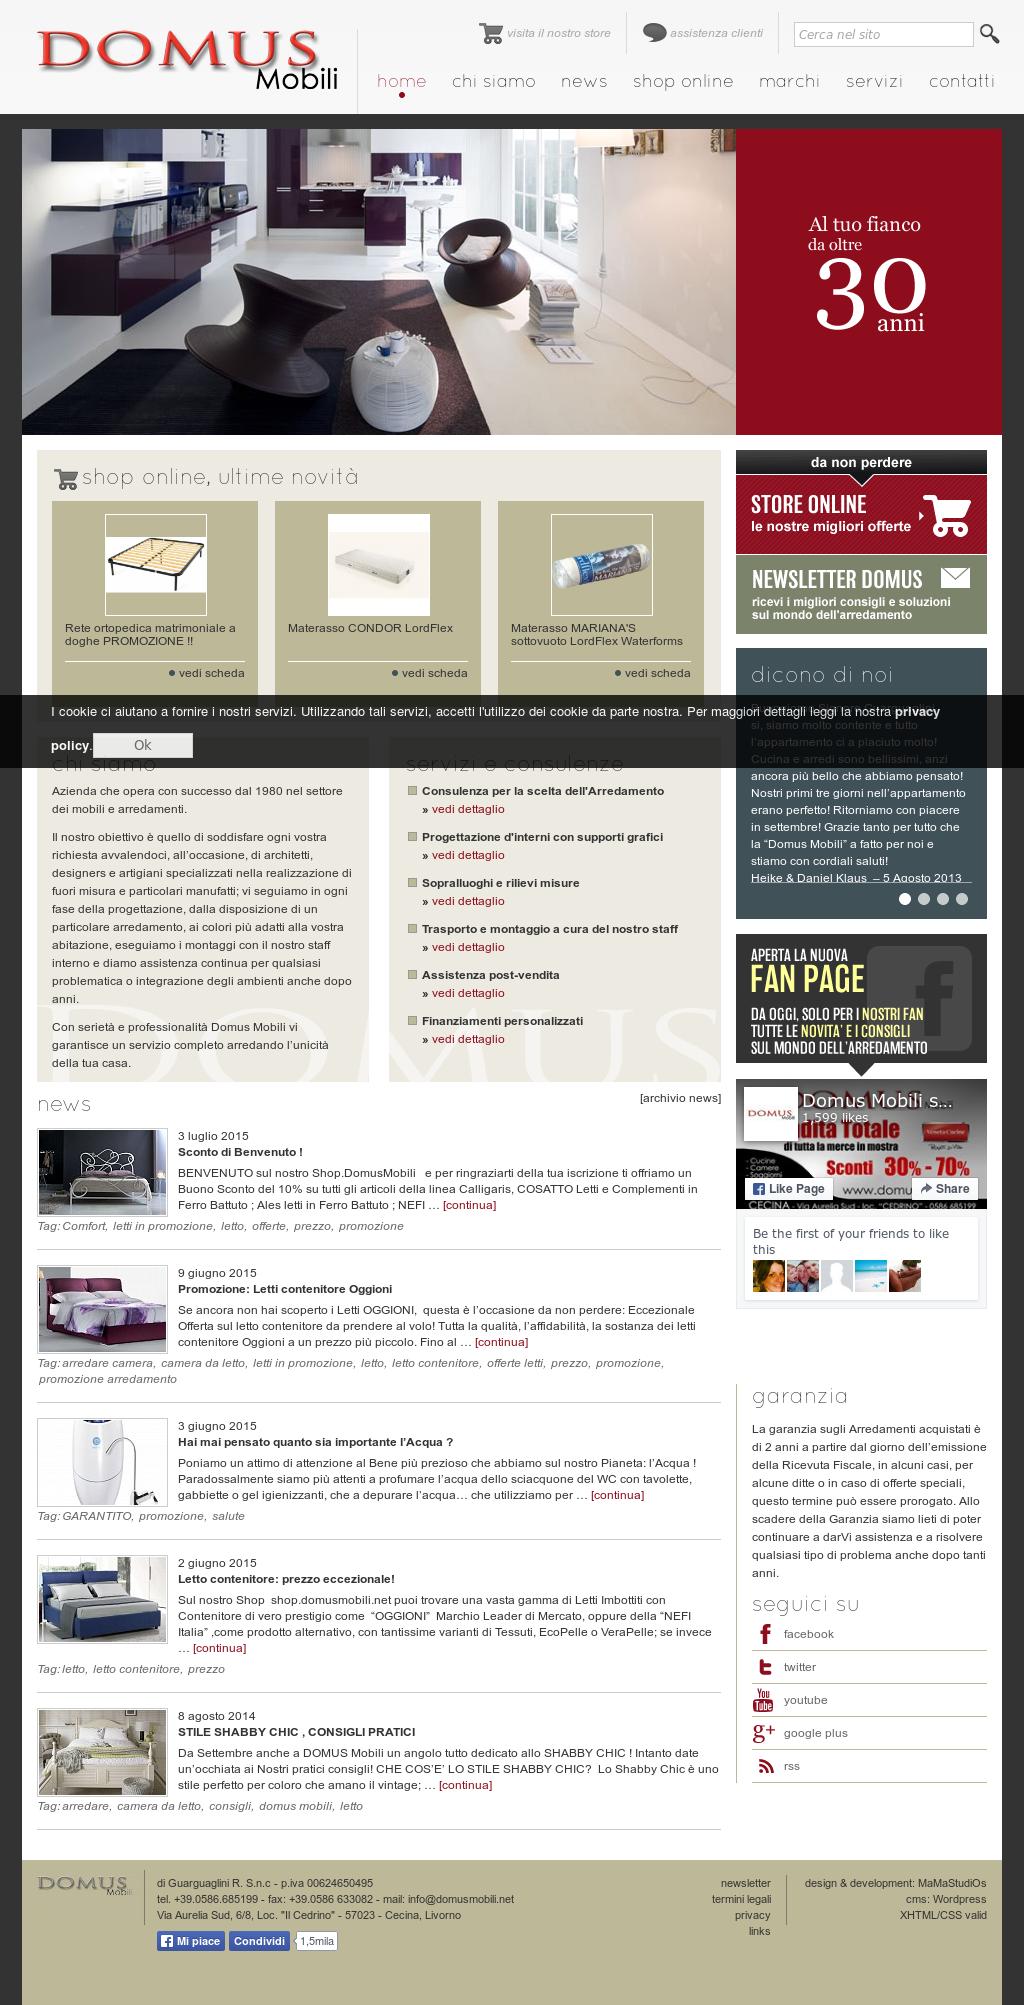 Gamma Italia Camere Da Letto.Domus Mobili S N C Competitors Revenue And Employees Owler